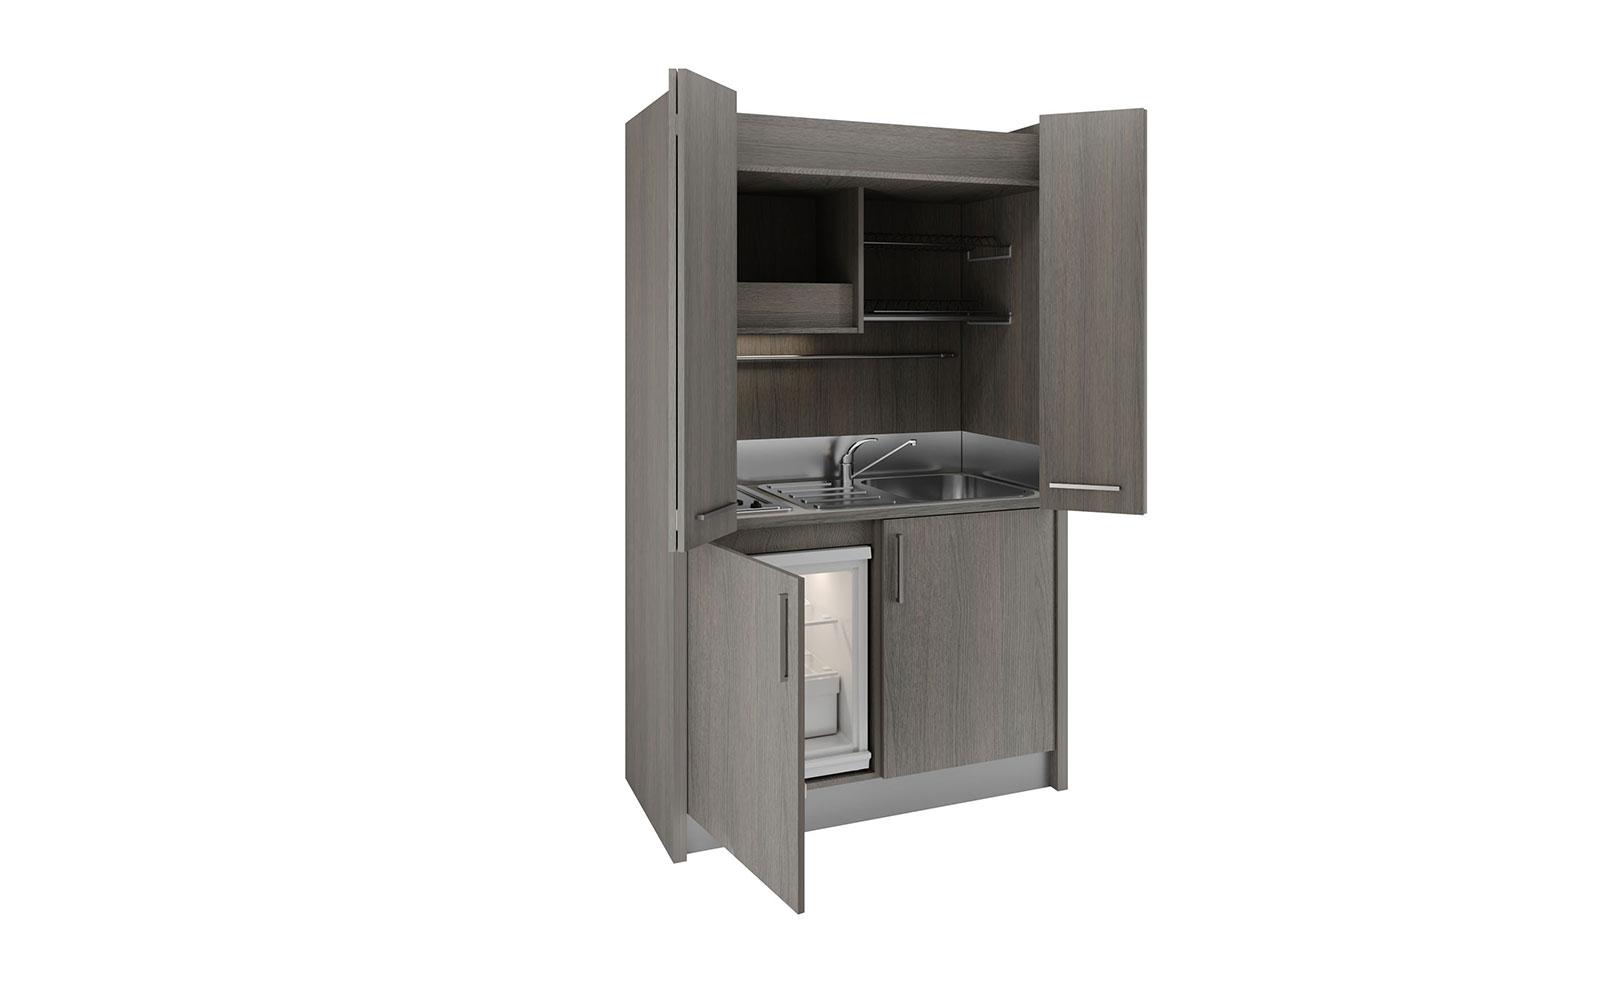 Mini Cucine A Scomparsa brianza dx - cucina armadio a scomparsa con chiusura ad ante da 128cm